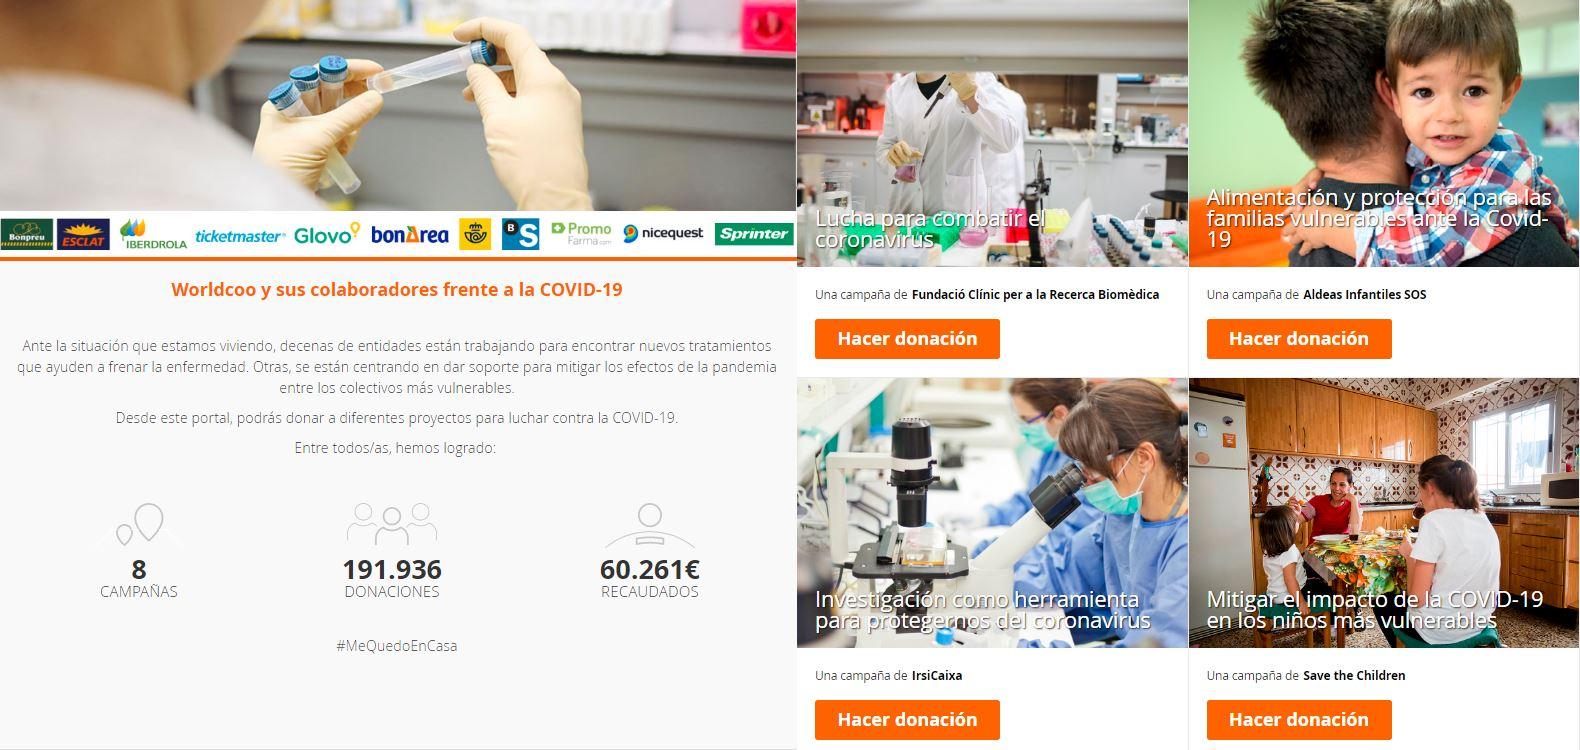 El sector de consumo suma innovación y tecnología digital en la lucha contra el Covid-19